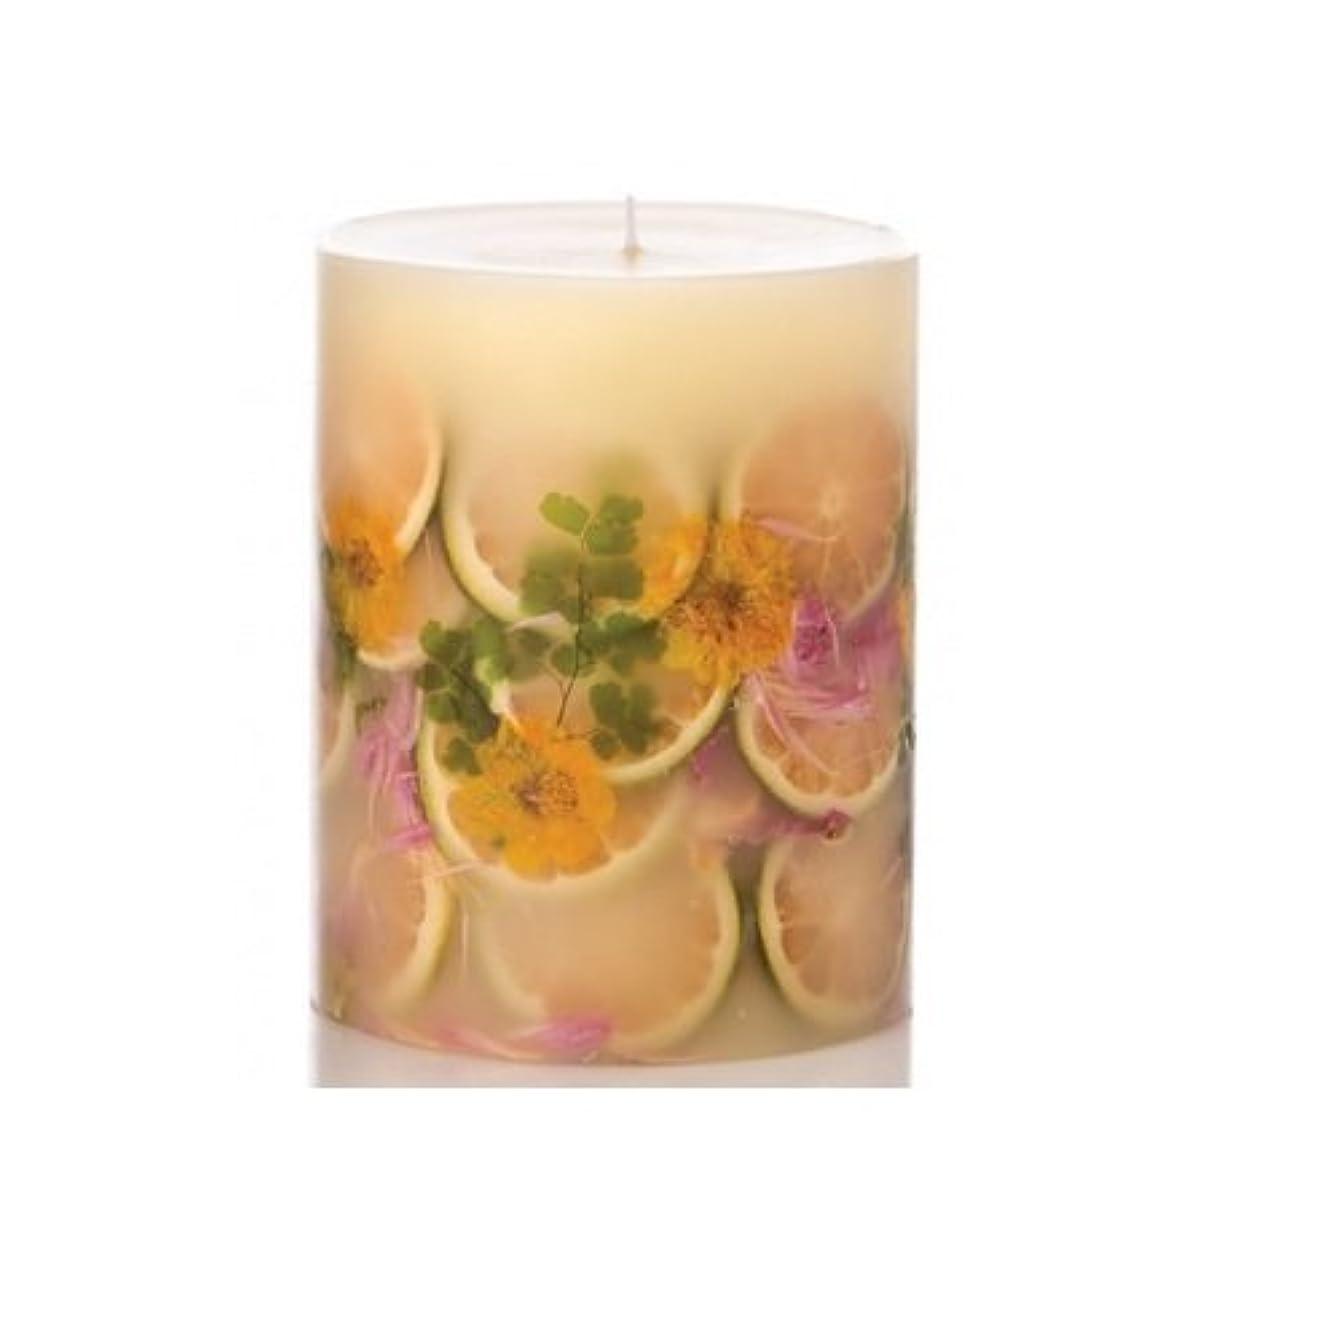 ハム指芸術Rosy Rings Lemon Blossom & Lycheeトールラウンド香りのキャンドル、5